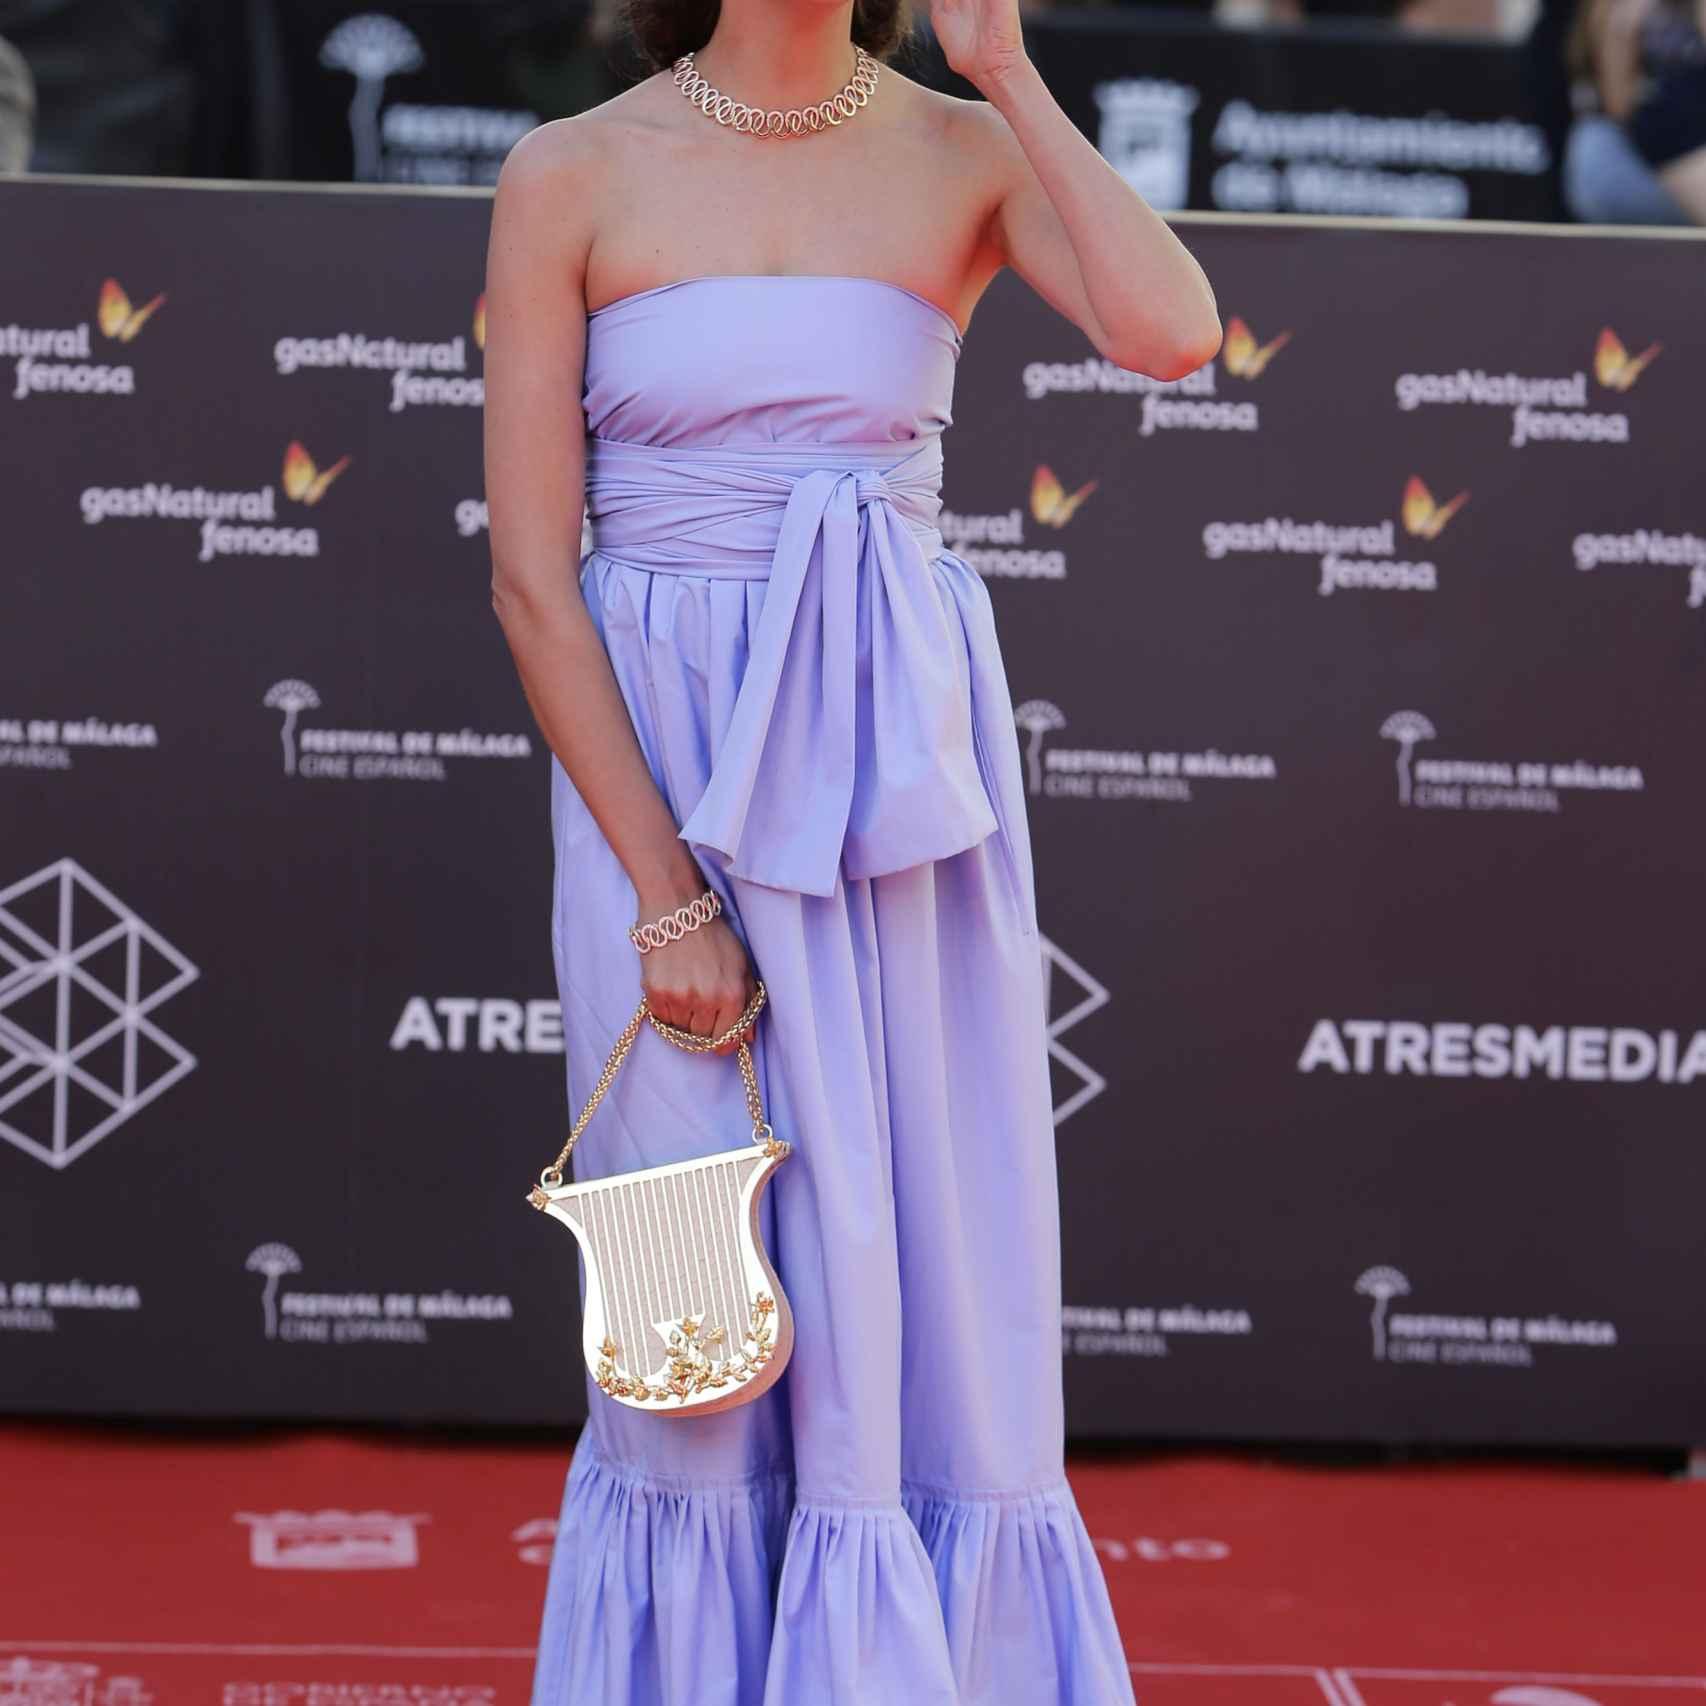 Macarena Gómez fiel a su estilo transgresor